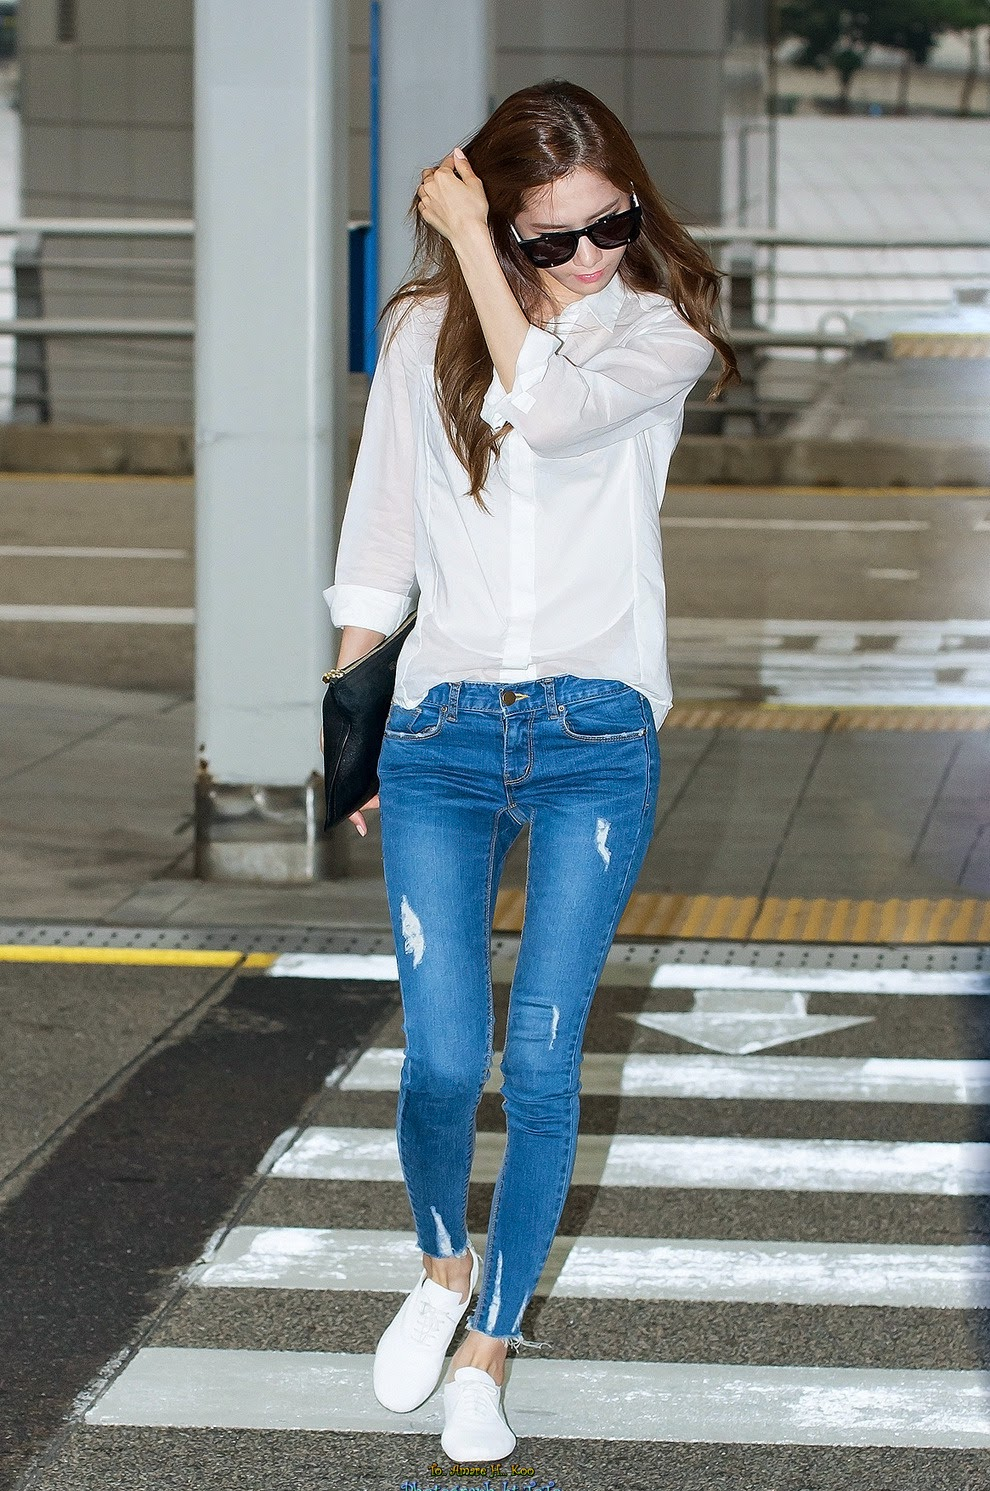 Koreansplash Intip Airport Fashion Ala Yoona Snsd